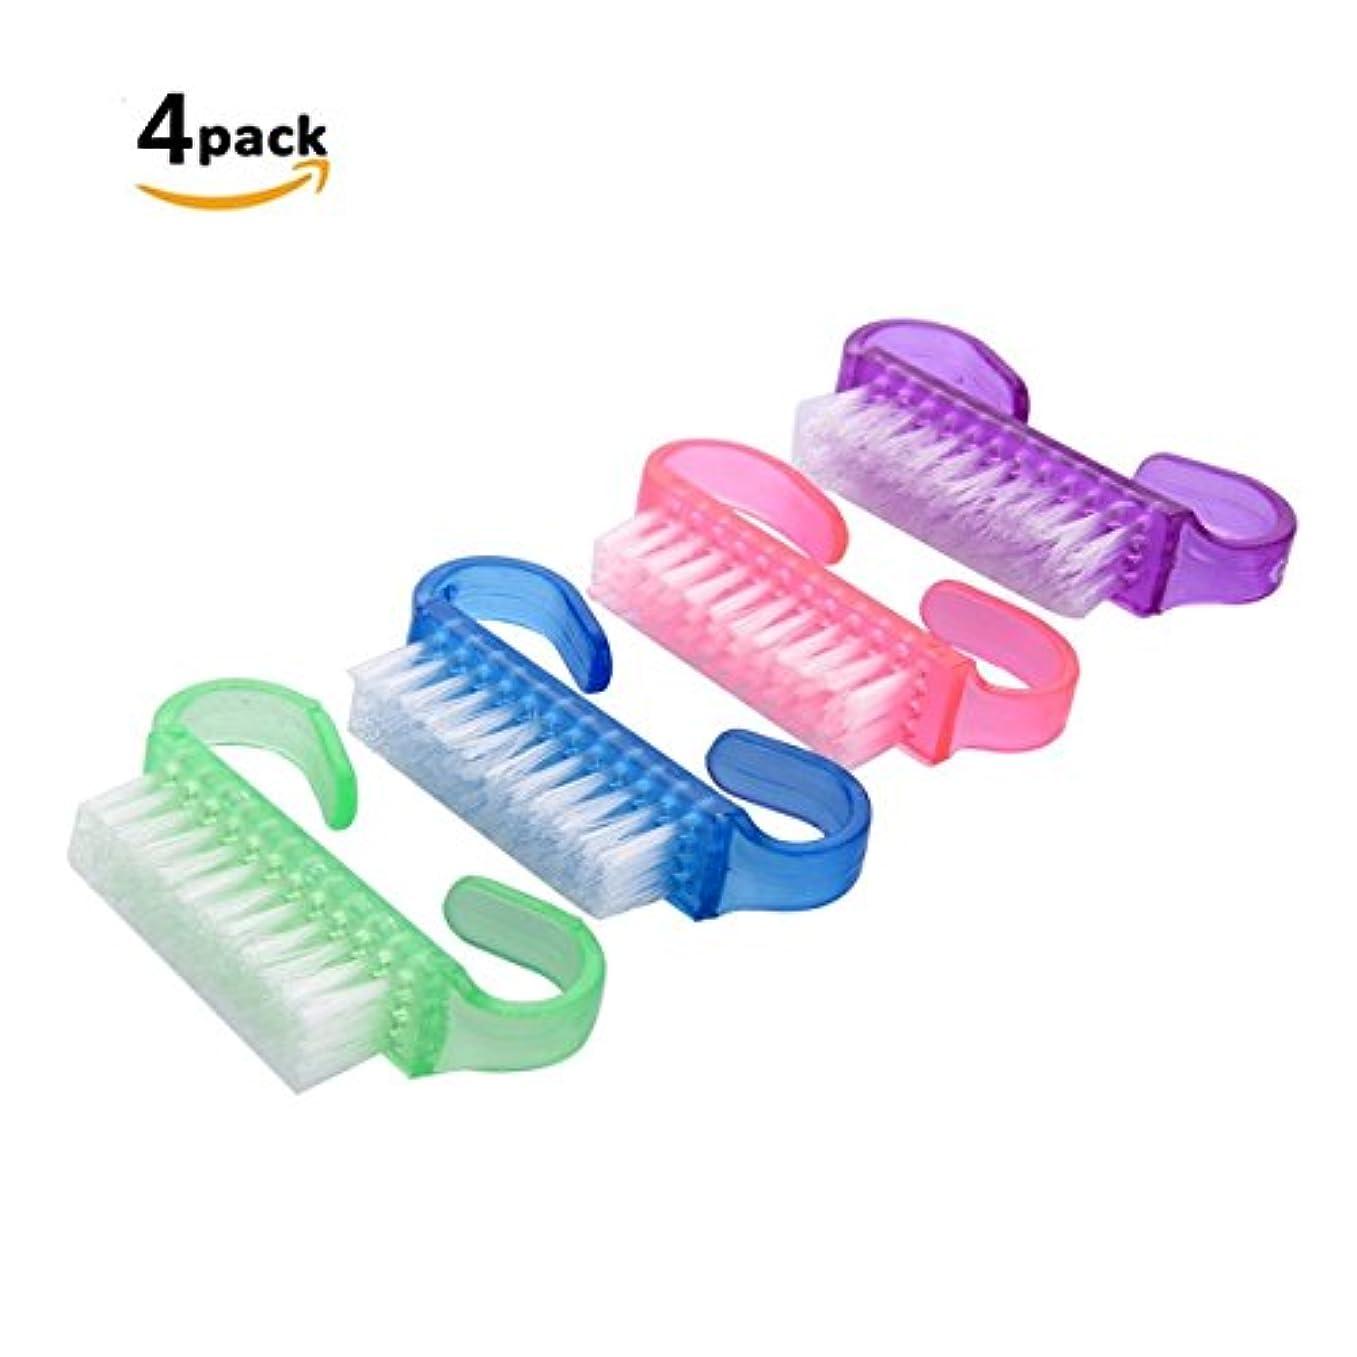 カテナデッキ意気込みKingsie 爪ブラシ ネイル用ブラシ 手 手洗い 4個 セット